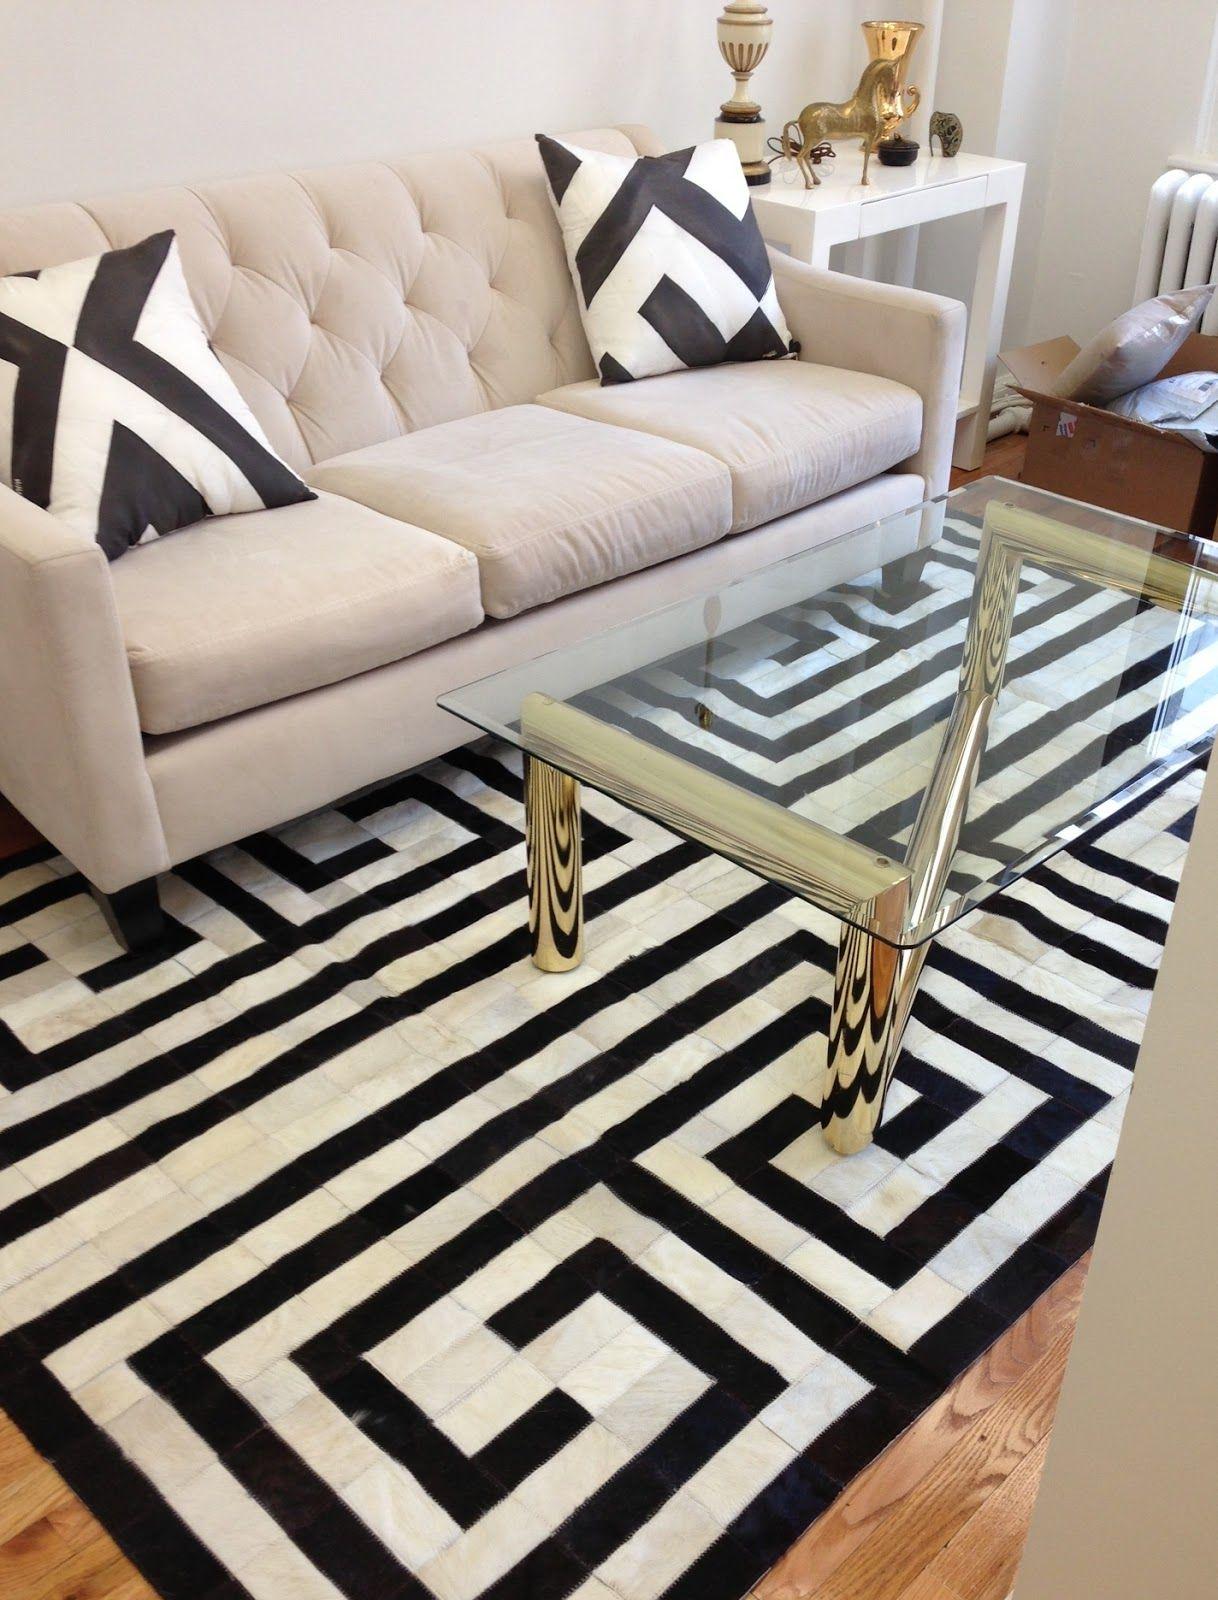 Greek key rug love this want it in my bedroom sooooooooo badly